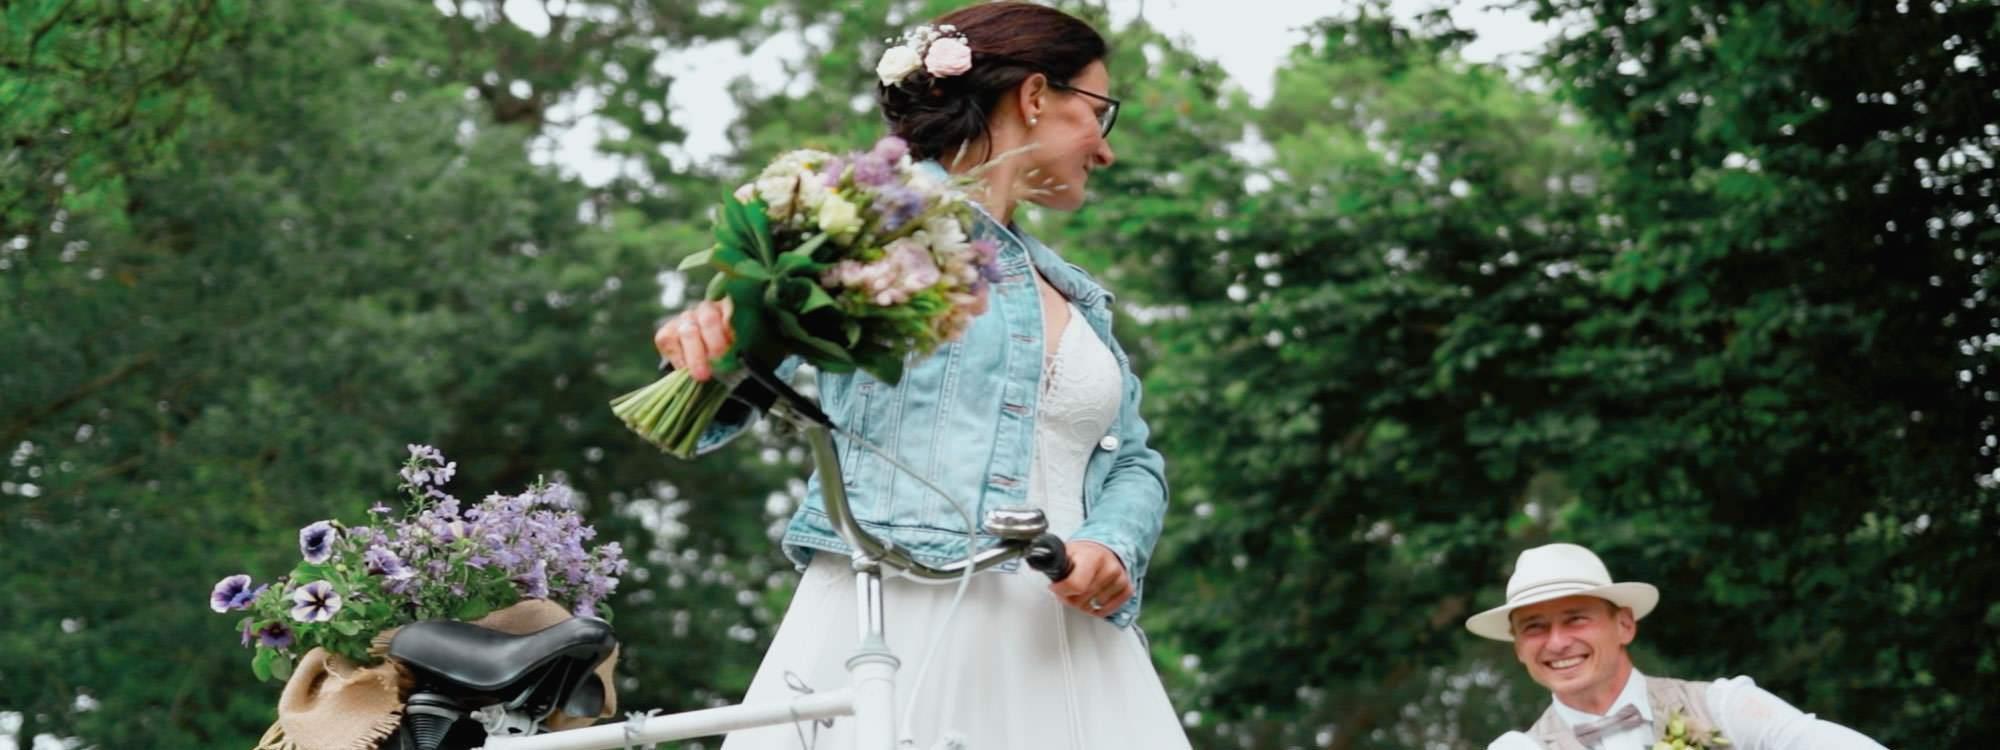 hochzeitsfotograf nico mueschen suederholz   Hochzeitsportal Rügen